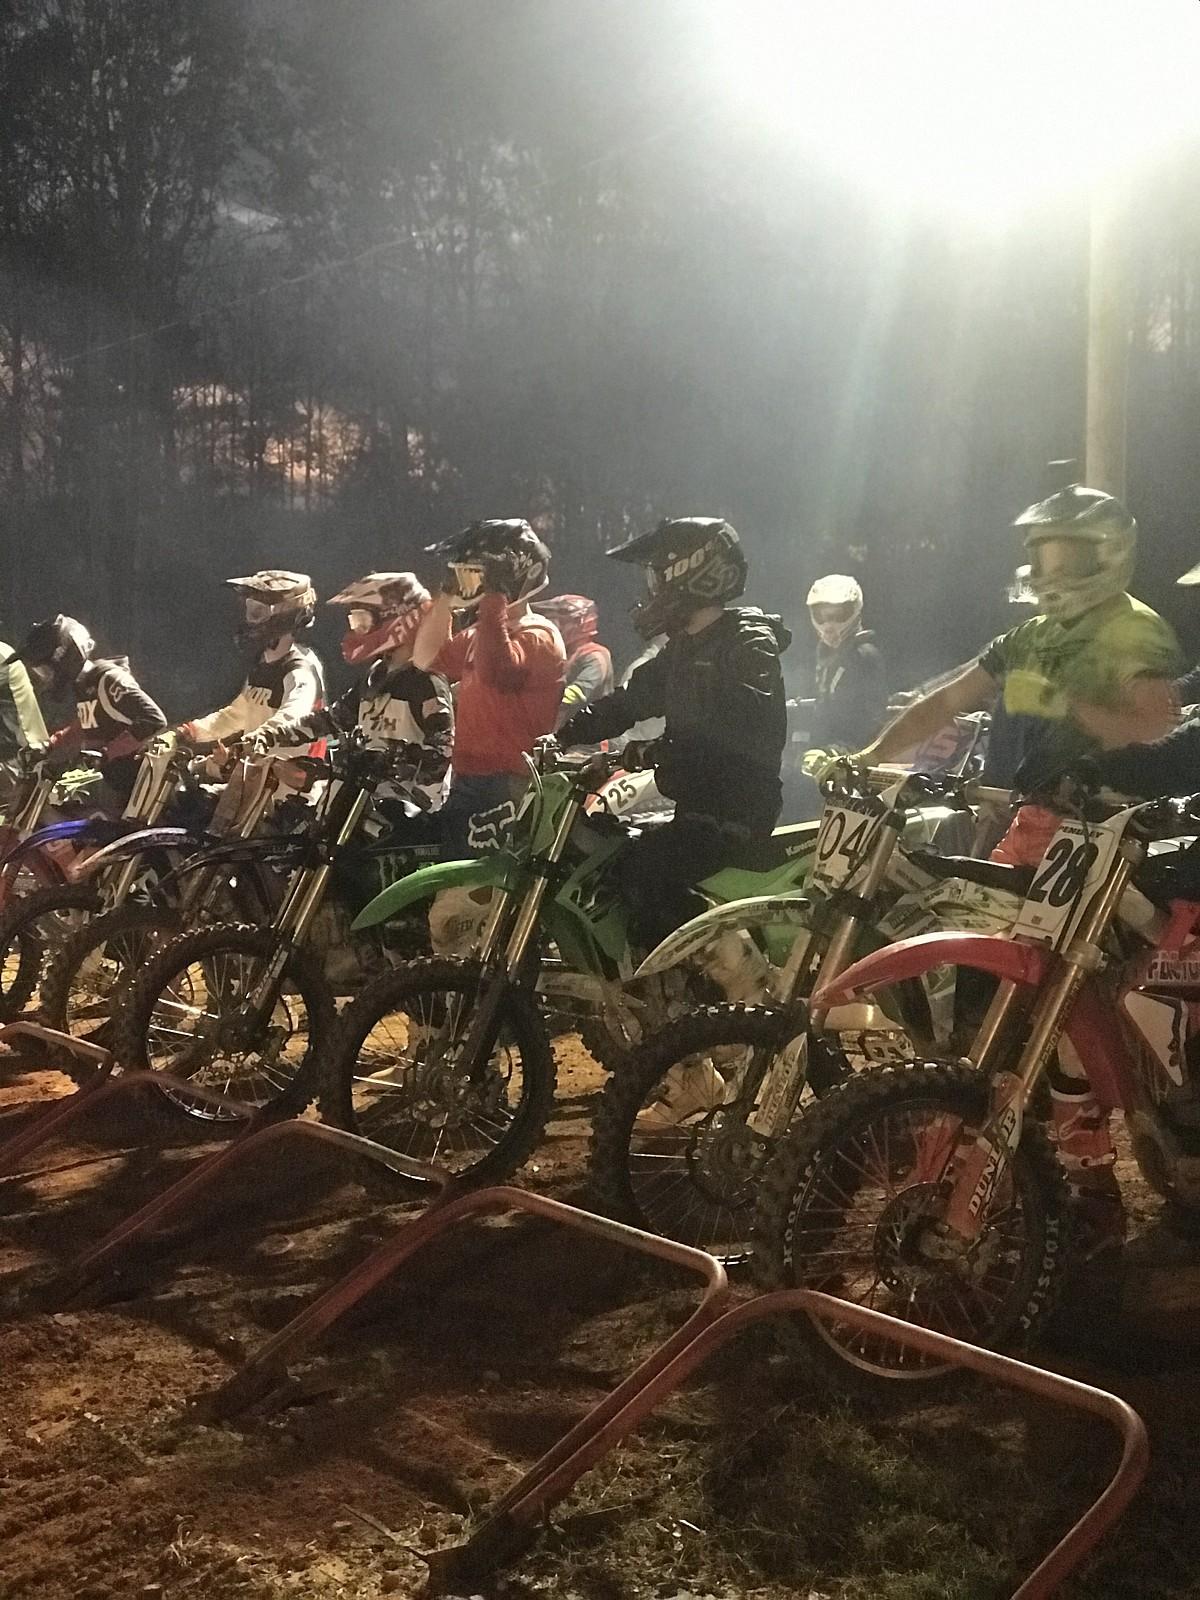 7E61BEC6-224D-42C8-90F7-EABCB7E3C8F4 - Reid Waddell - Motocross Pictures - Vital MX